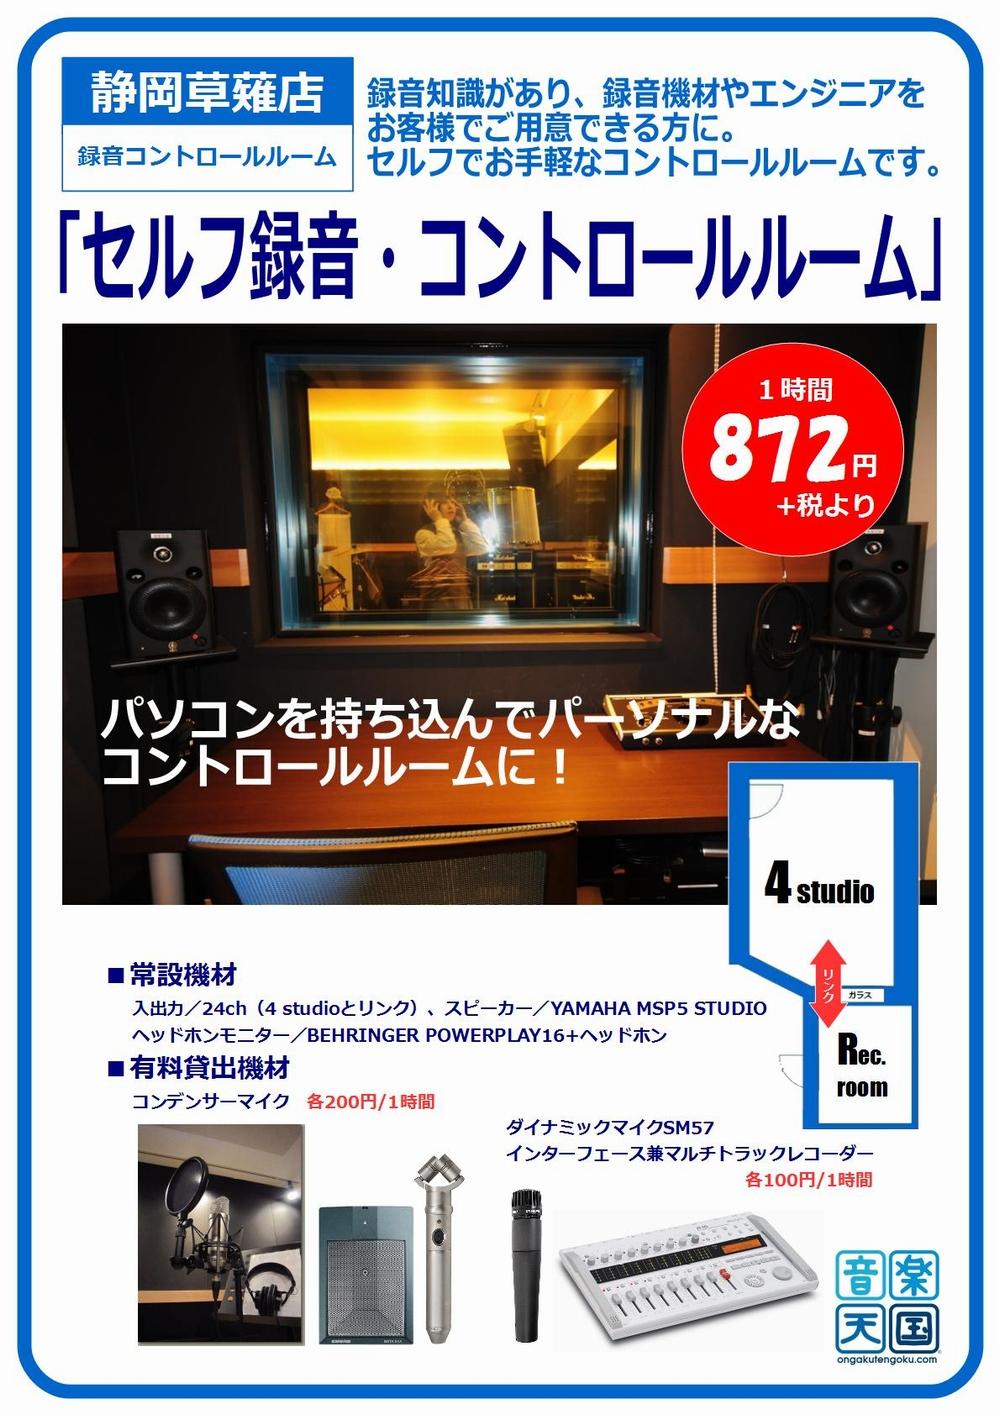 音楽天国・静岡草薙店でセルフレコーディング